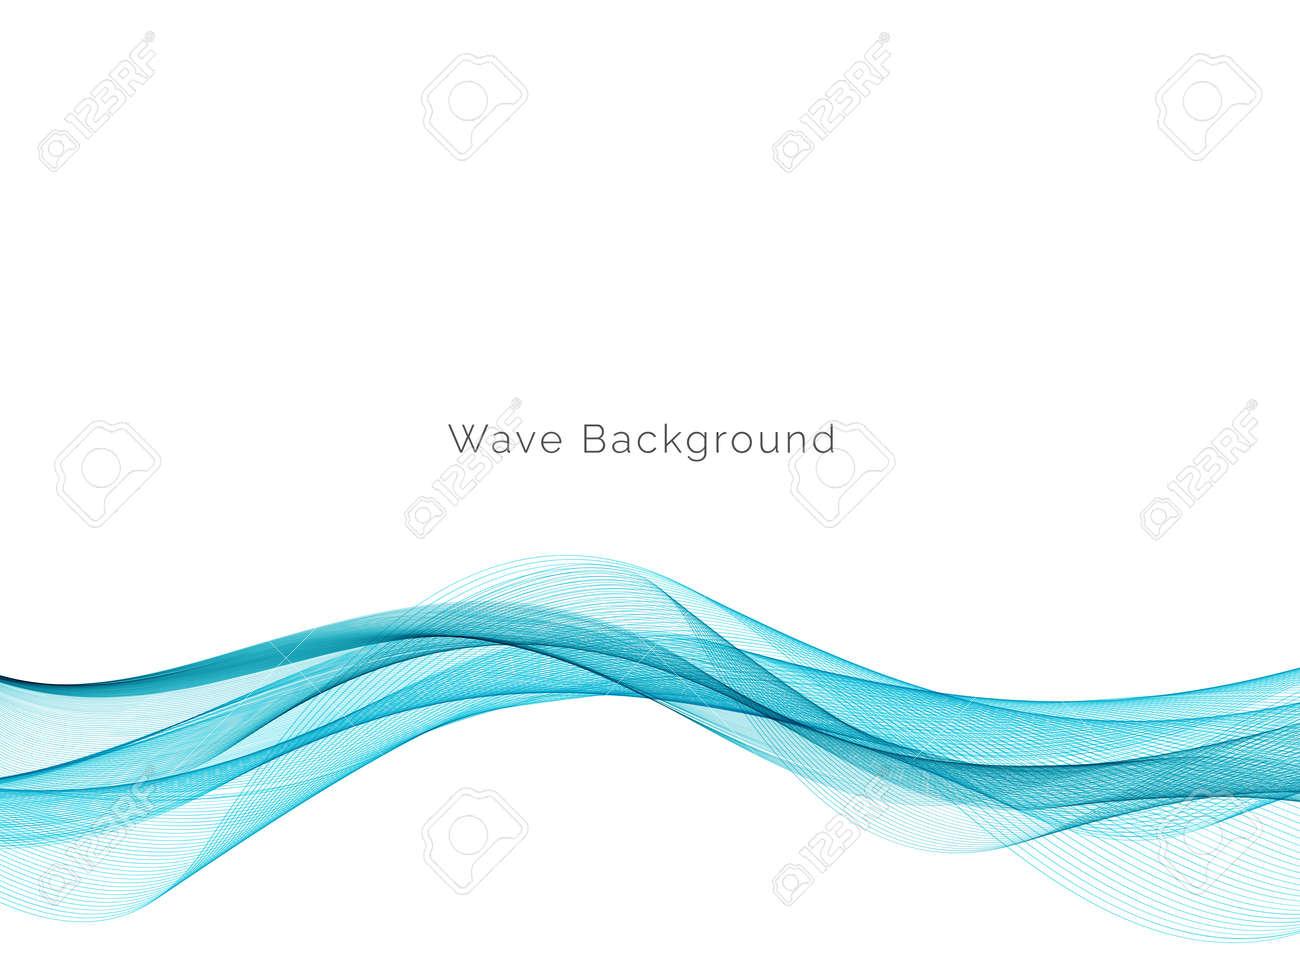 Modern Blue wave design background vector - 156911790